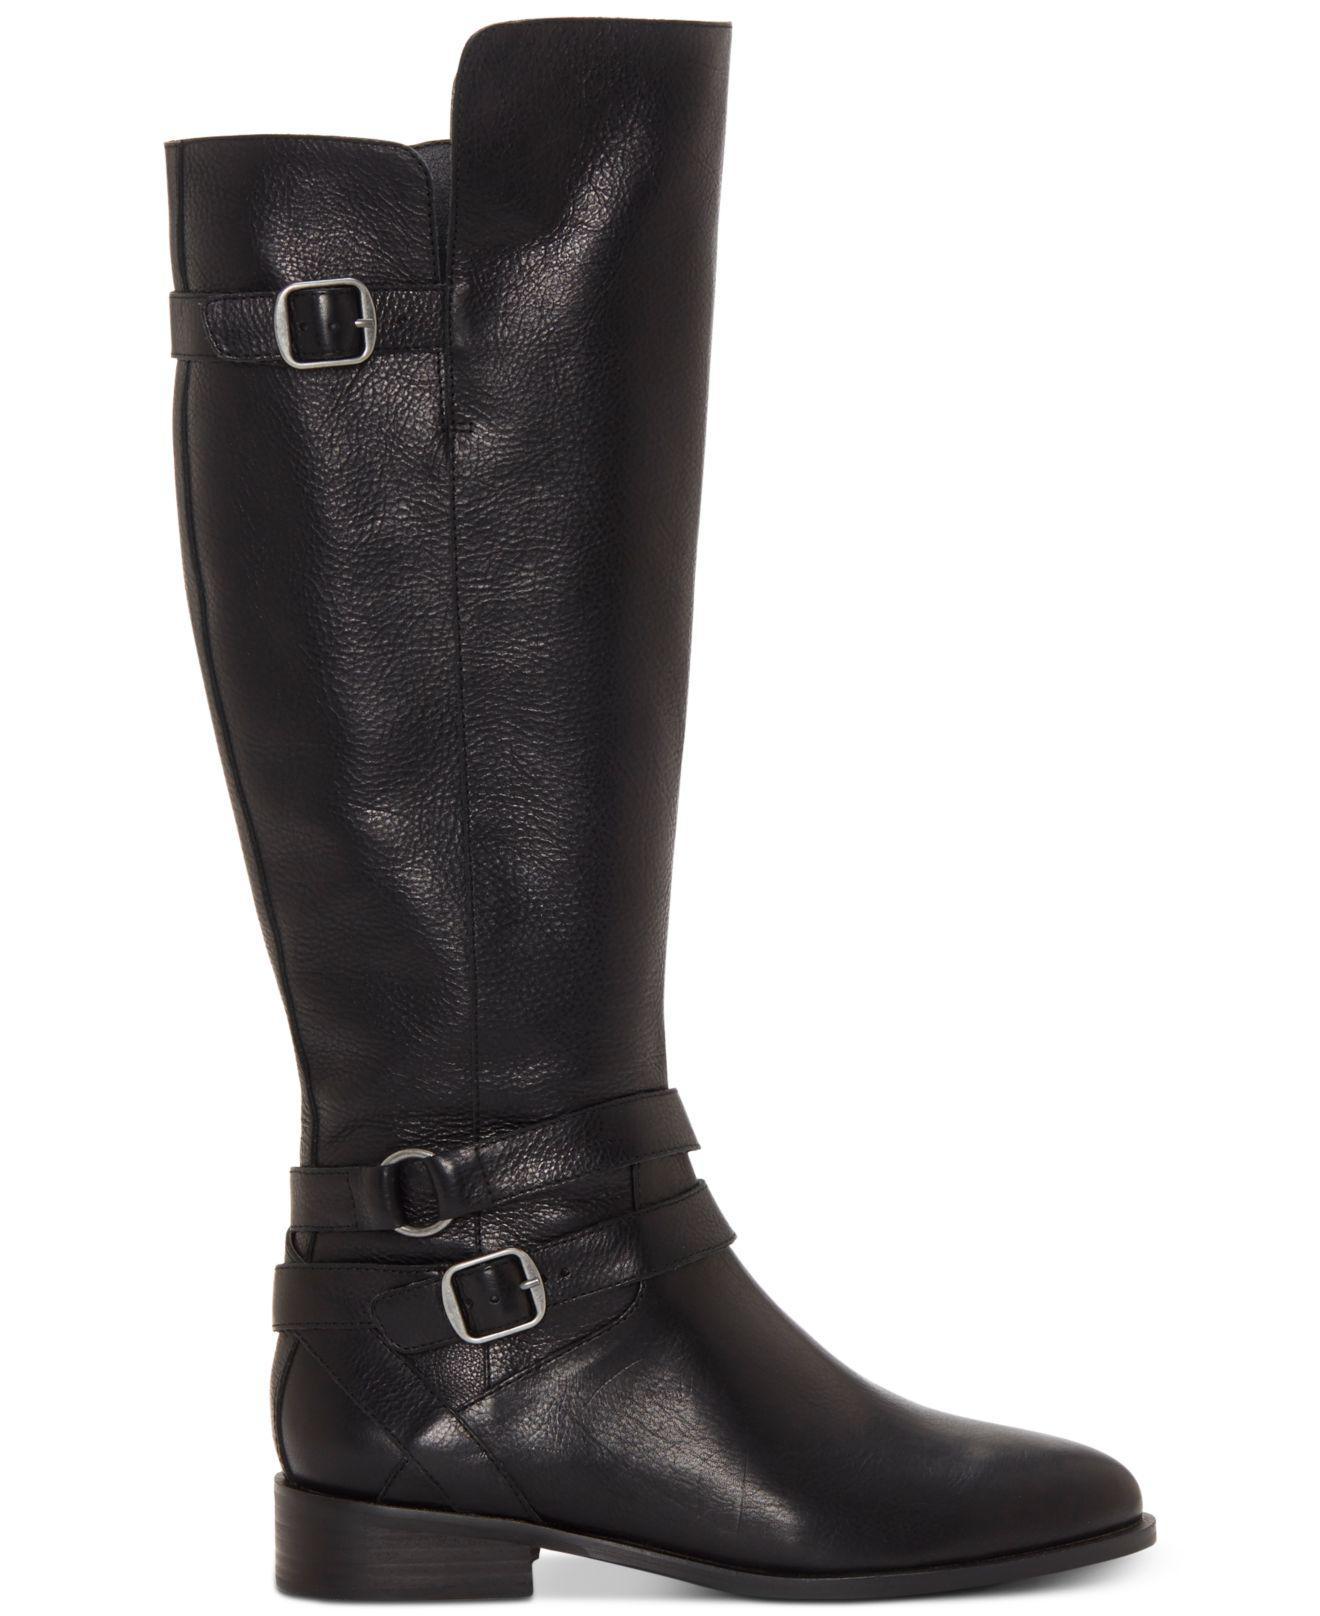 38e83820f9e Women's Black Paxtreen Wide Calf Knee High Boot